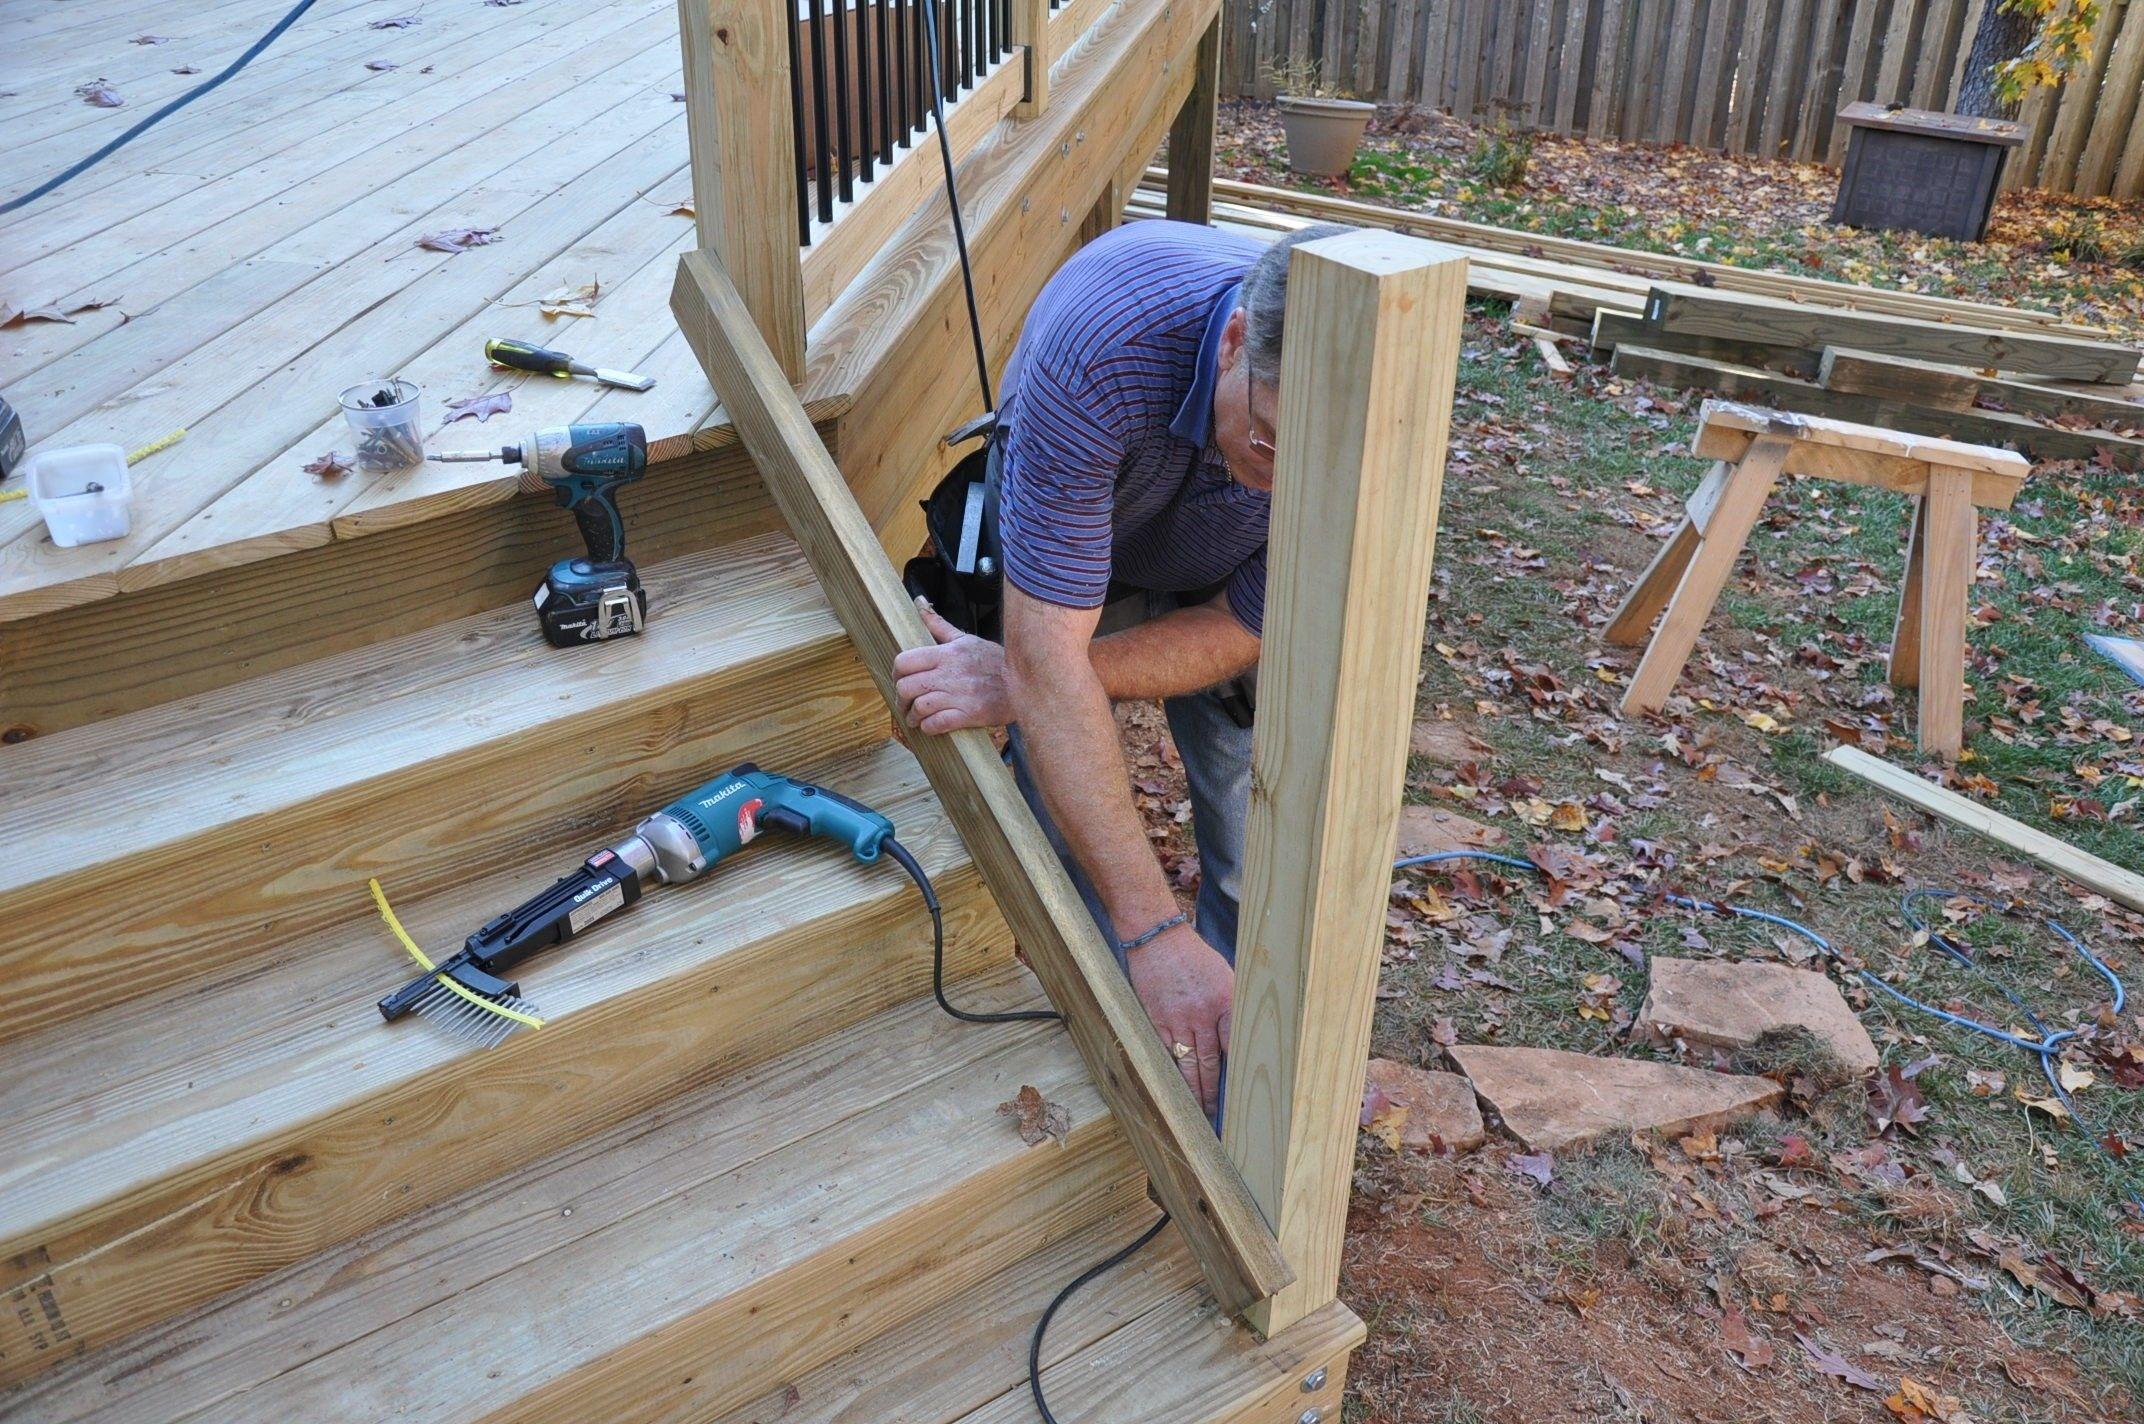 How To Install Deck Stair Railings Decks Com | Outside Stair Railing Installation | Rail | Simple | Staircase | Back Porch | Sunroom